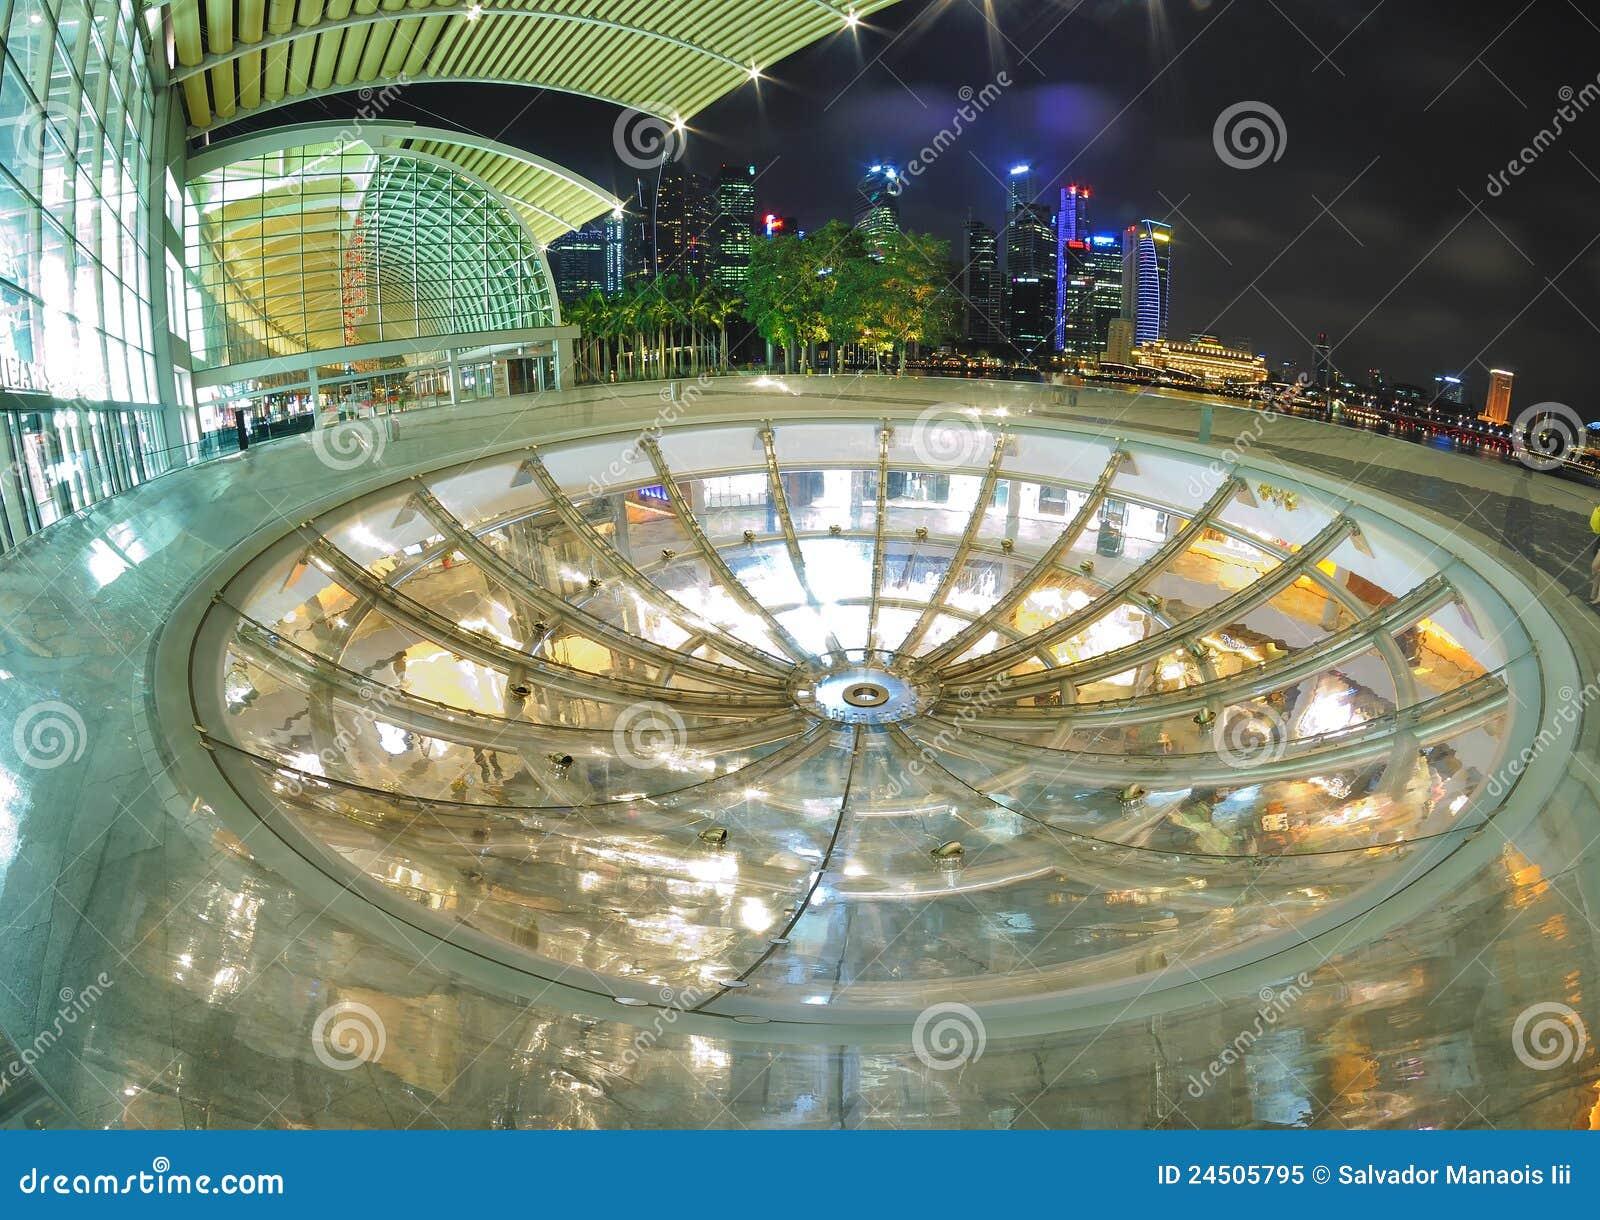 Oculus bij het Zand van de Baai van de Jachthaven, Singapore